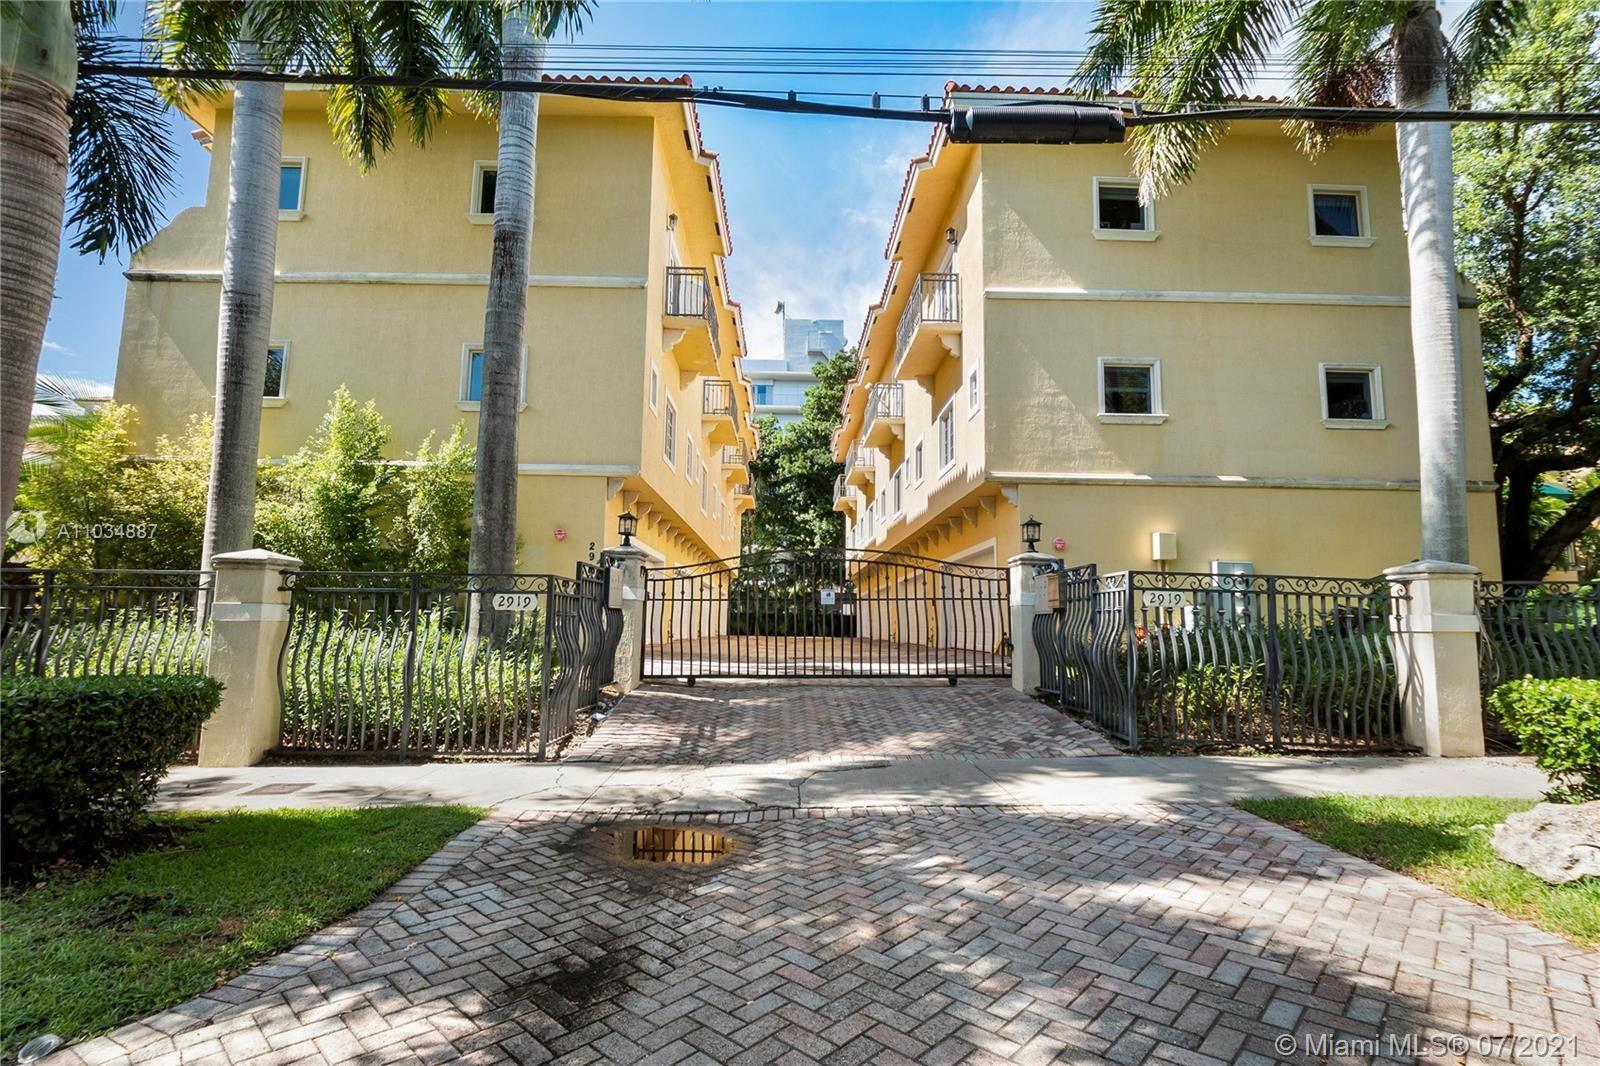 2919 Coconut Ave #6, Miami, FL 33133 - #: A11034887